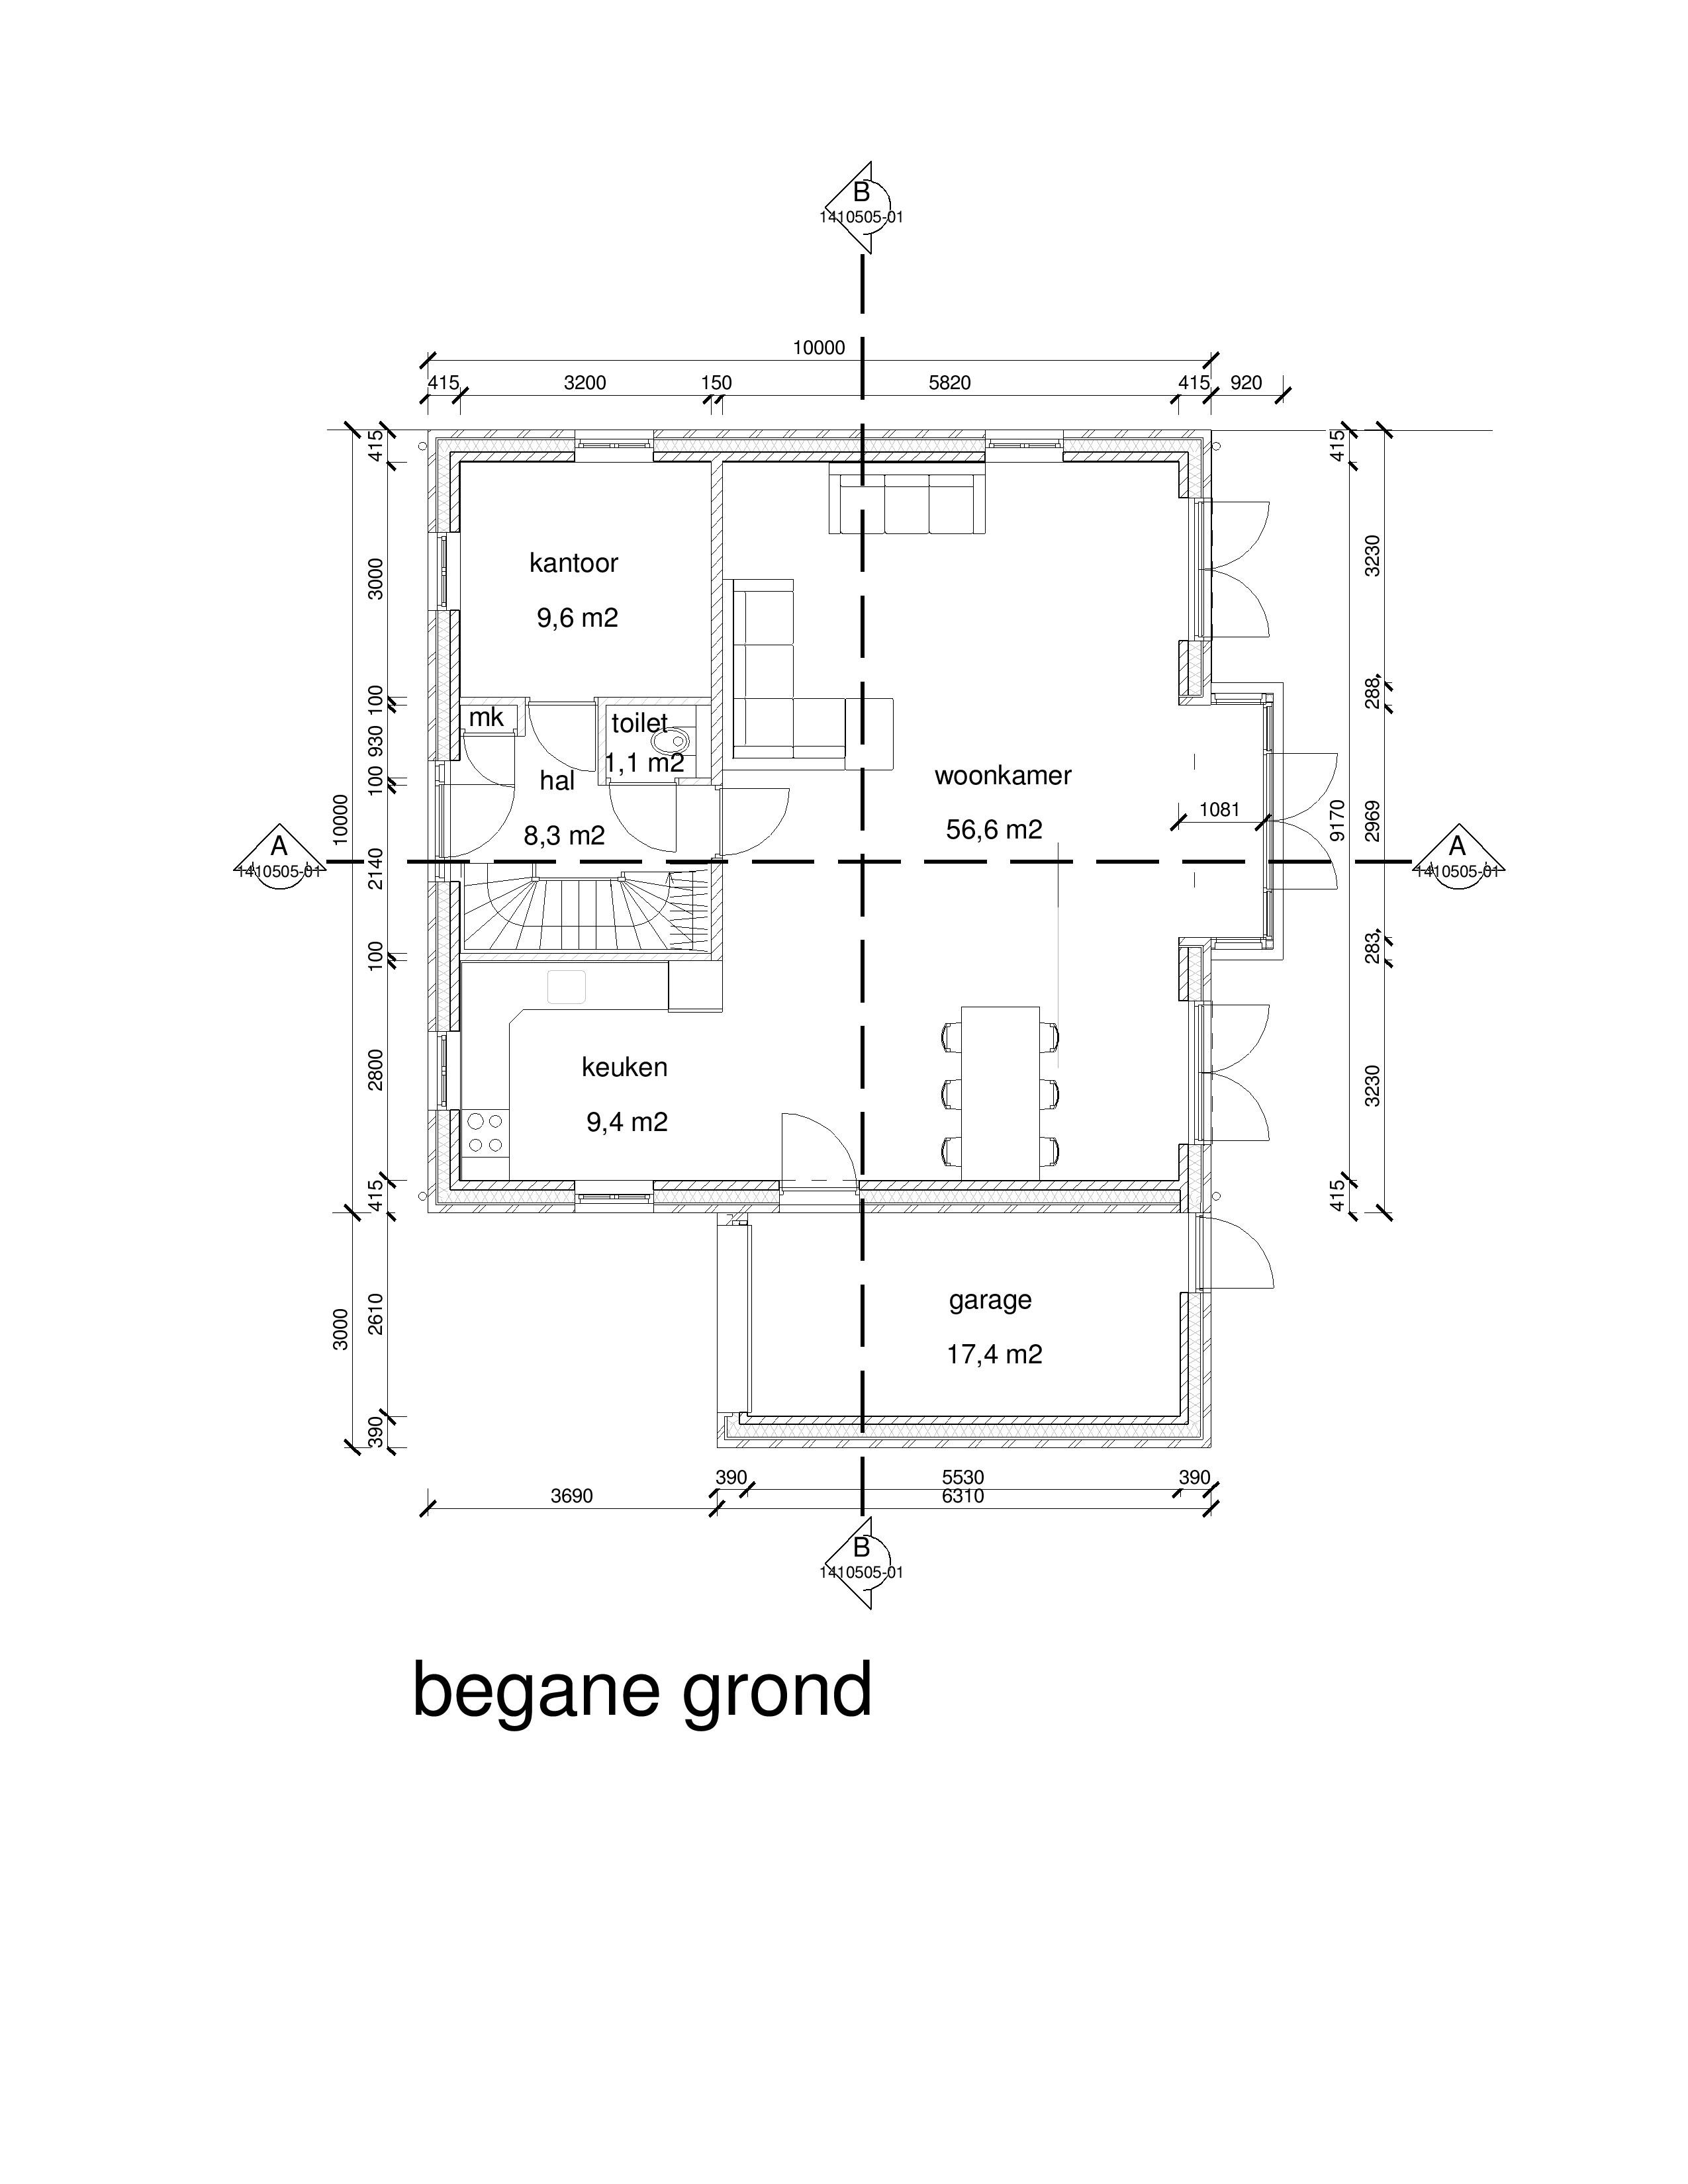 140505-notaris-woning-begane-grond-001